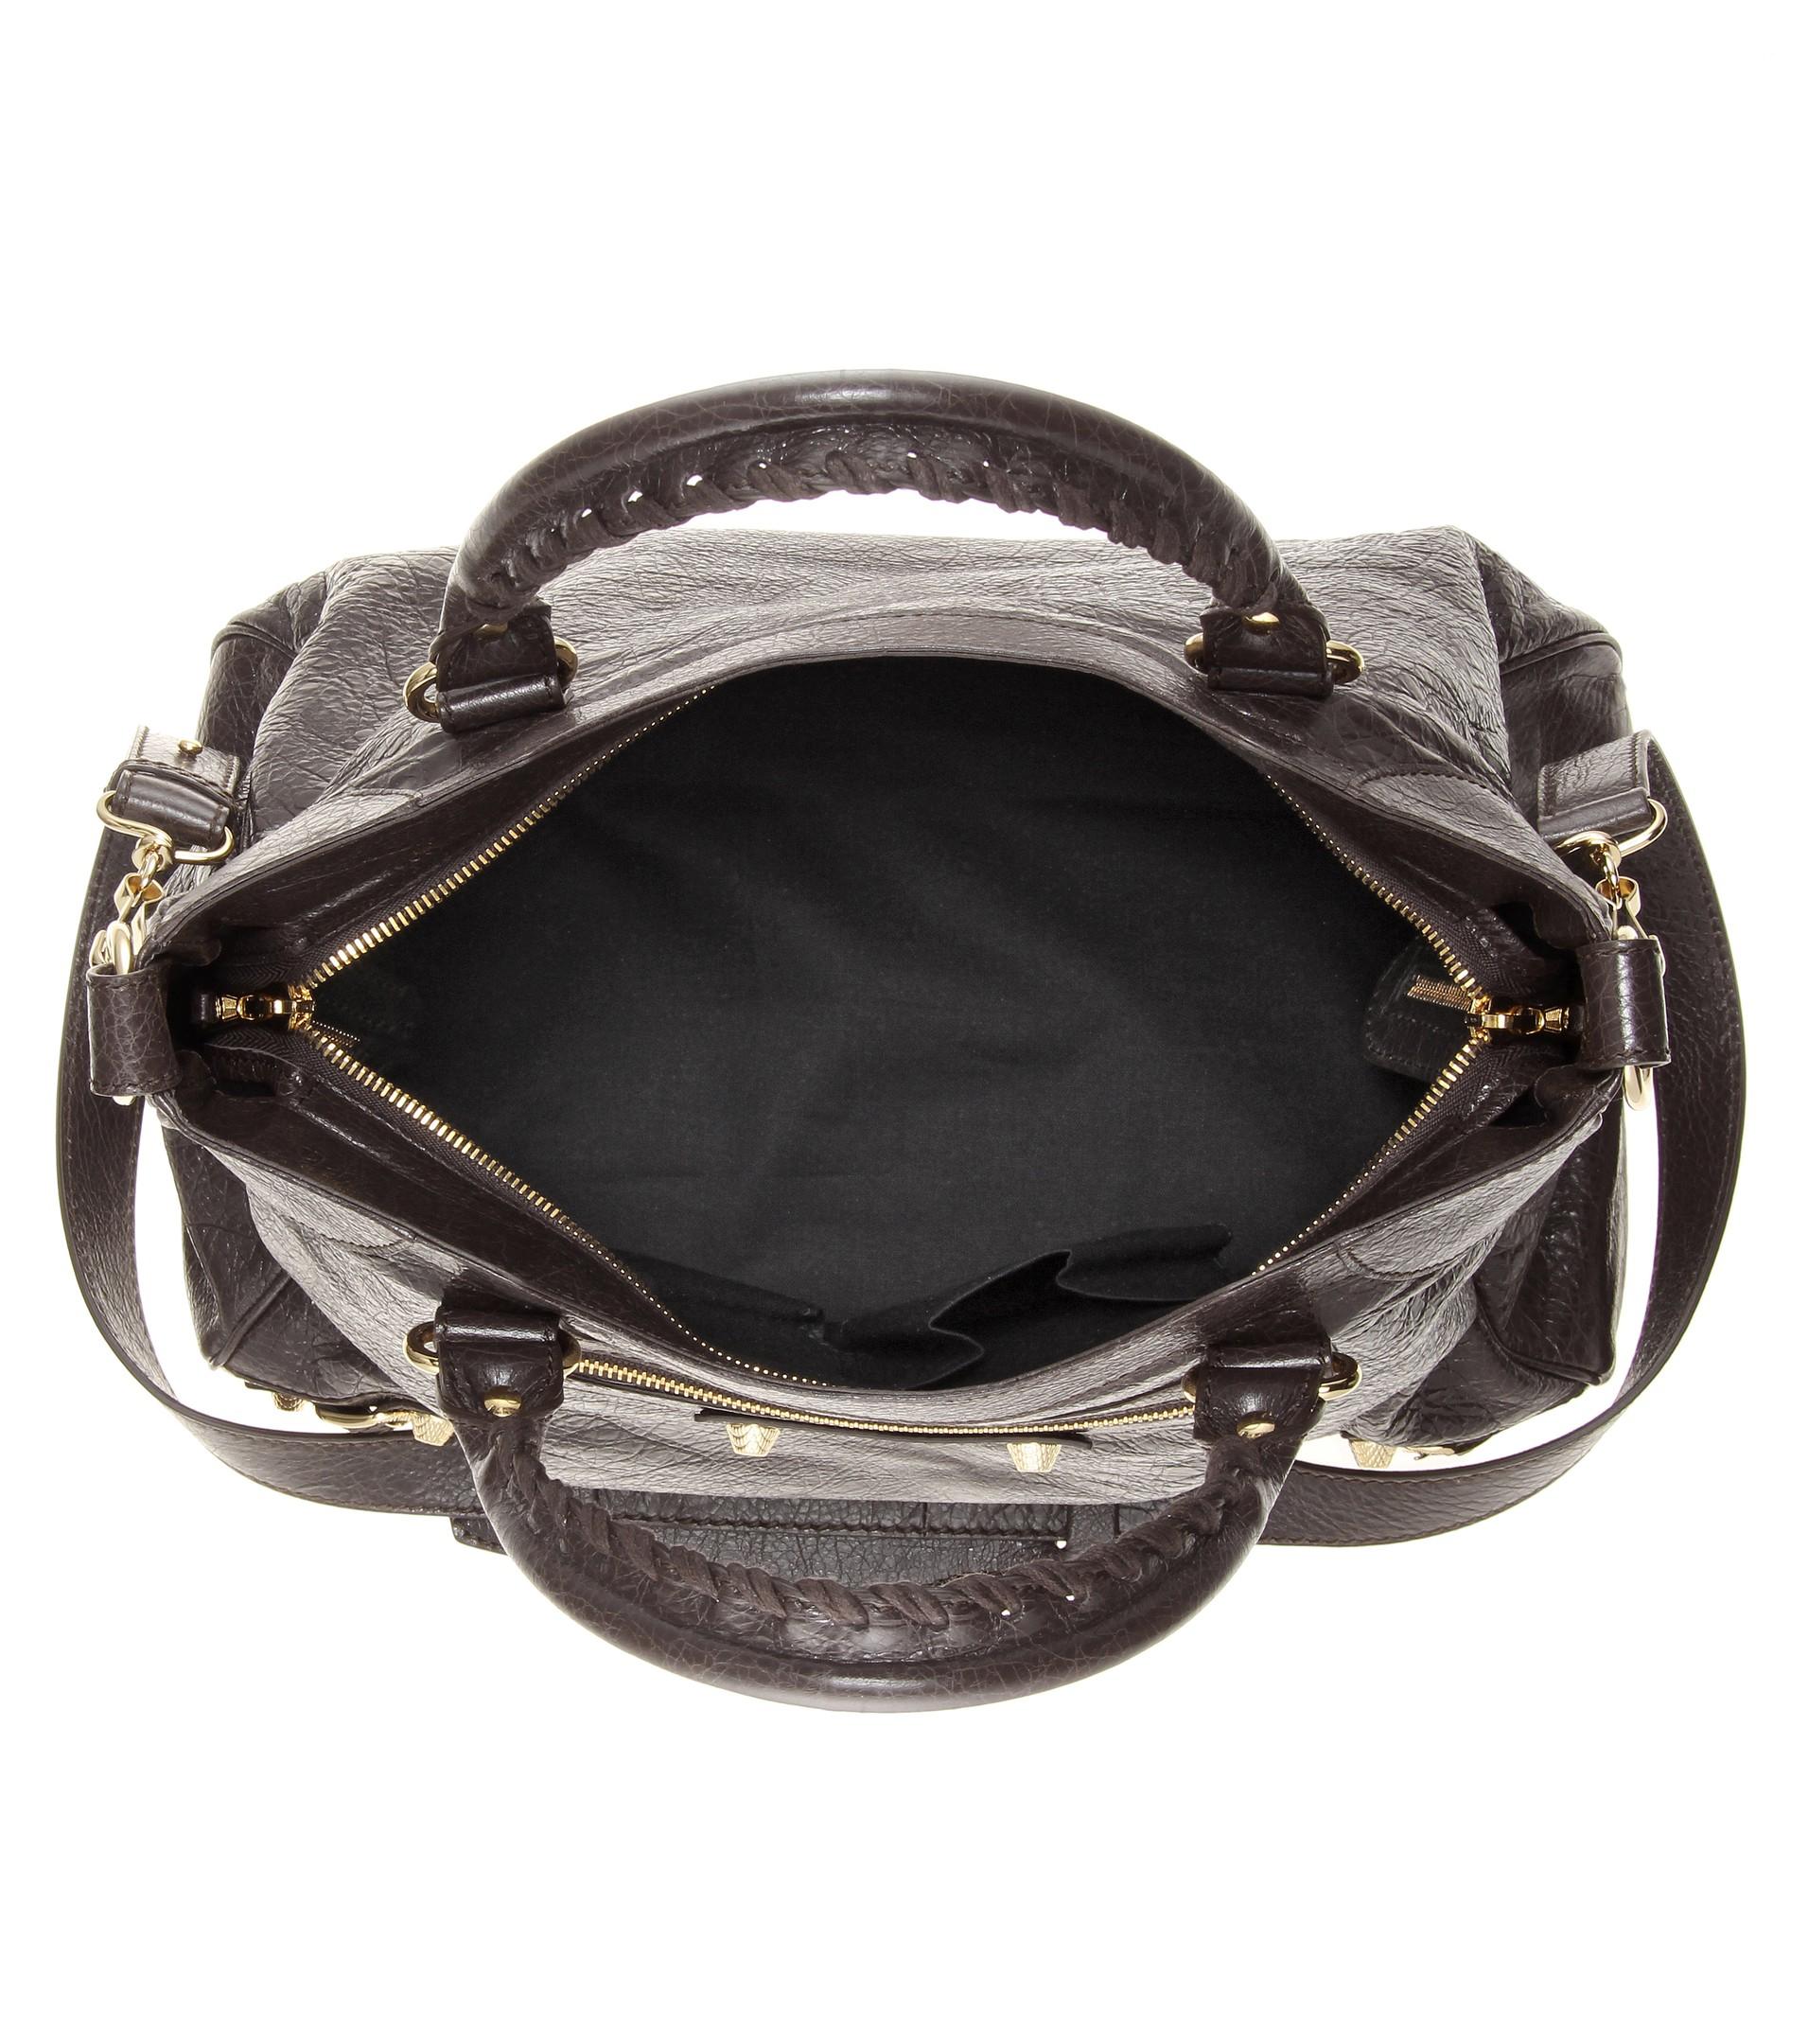 replica chloe classic 9806 2way lambskin white handbag